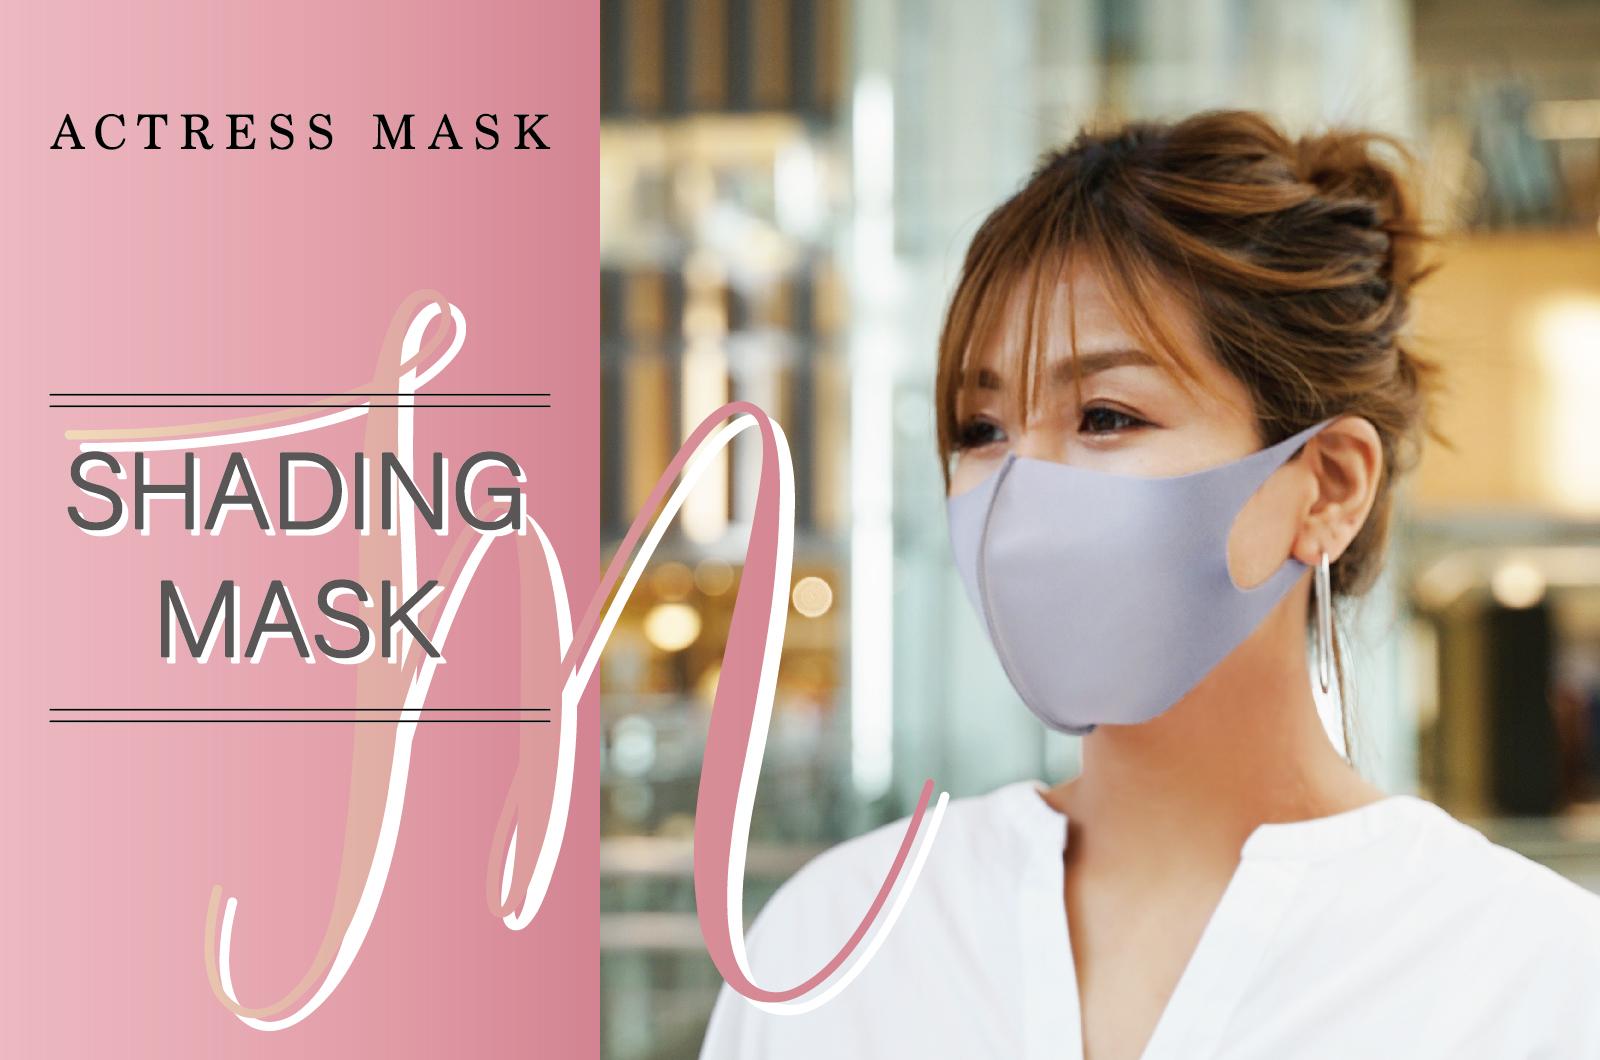 小顔効果のシェーディングマスク イメージ画像